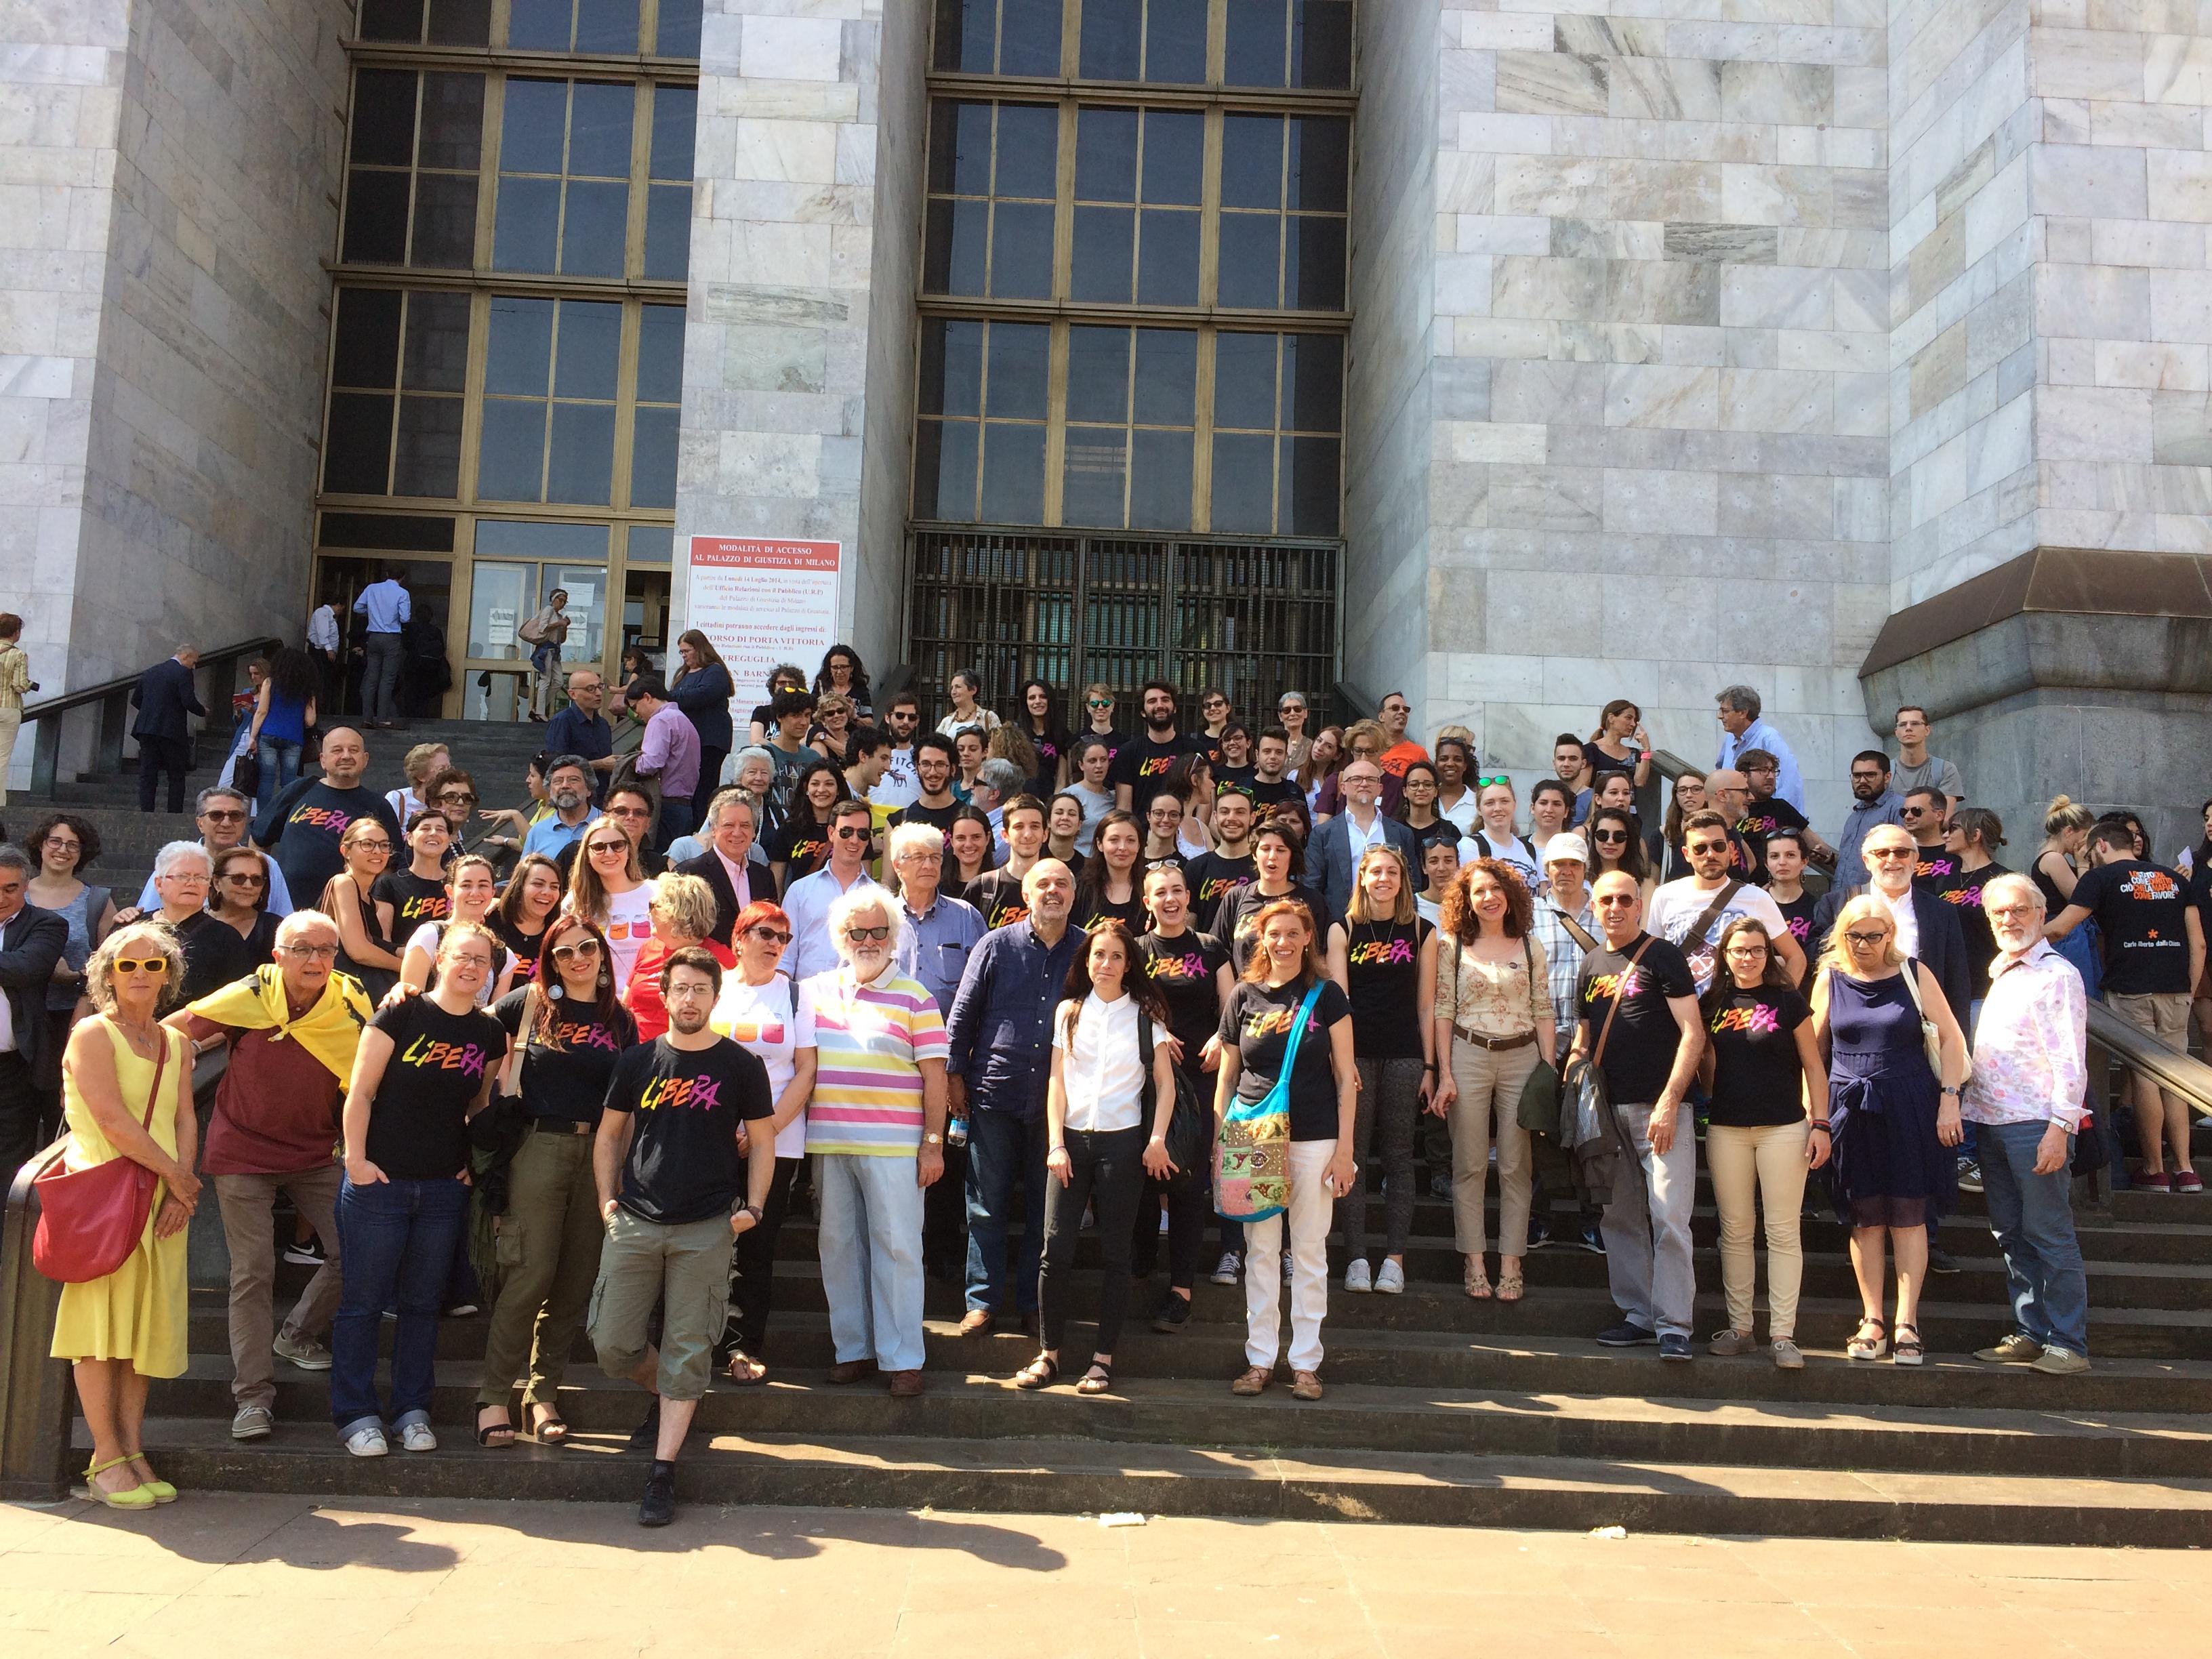 Milano, processo Ciotti-Riina. Grande partecipazione al presidio di solidarietà